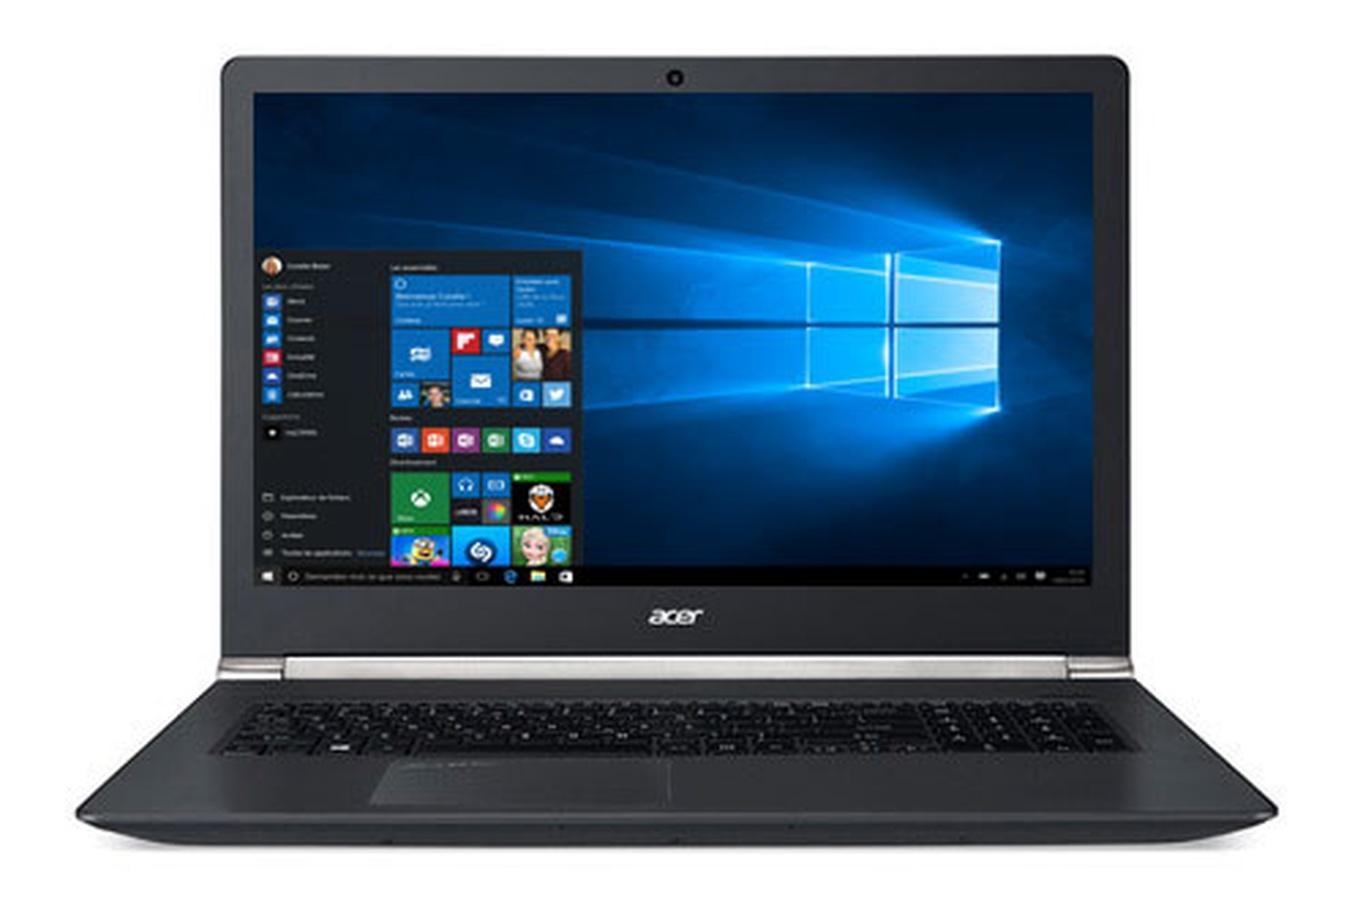 """PC Portable 17.3"""" Acer V Nitro VN7-792G-79A8 -  i7-6700HQ 2.6 GHz, GTX 960M, RAM 8 Go, HDD 1 To (via ODR 150€)"""